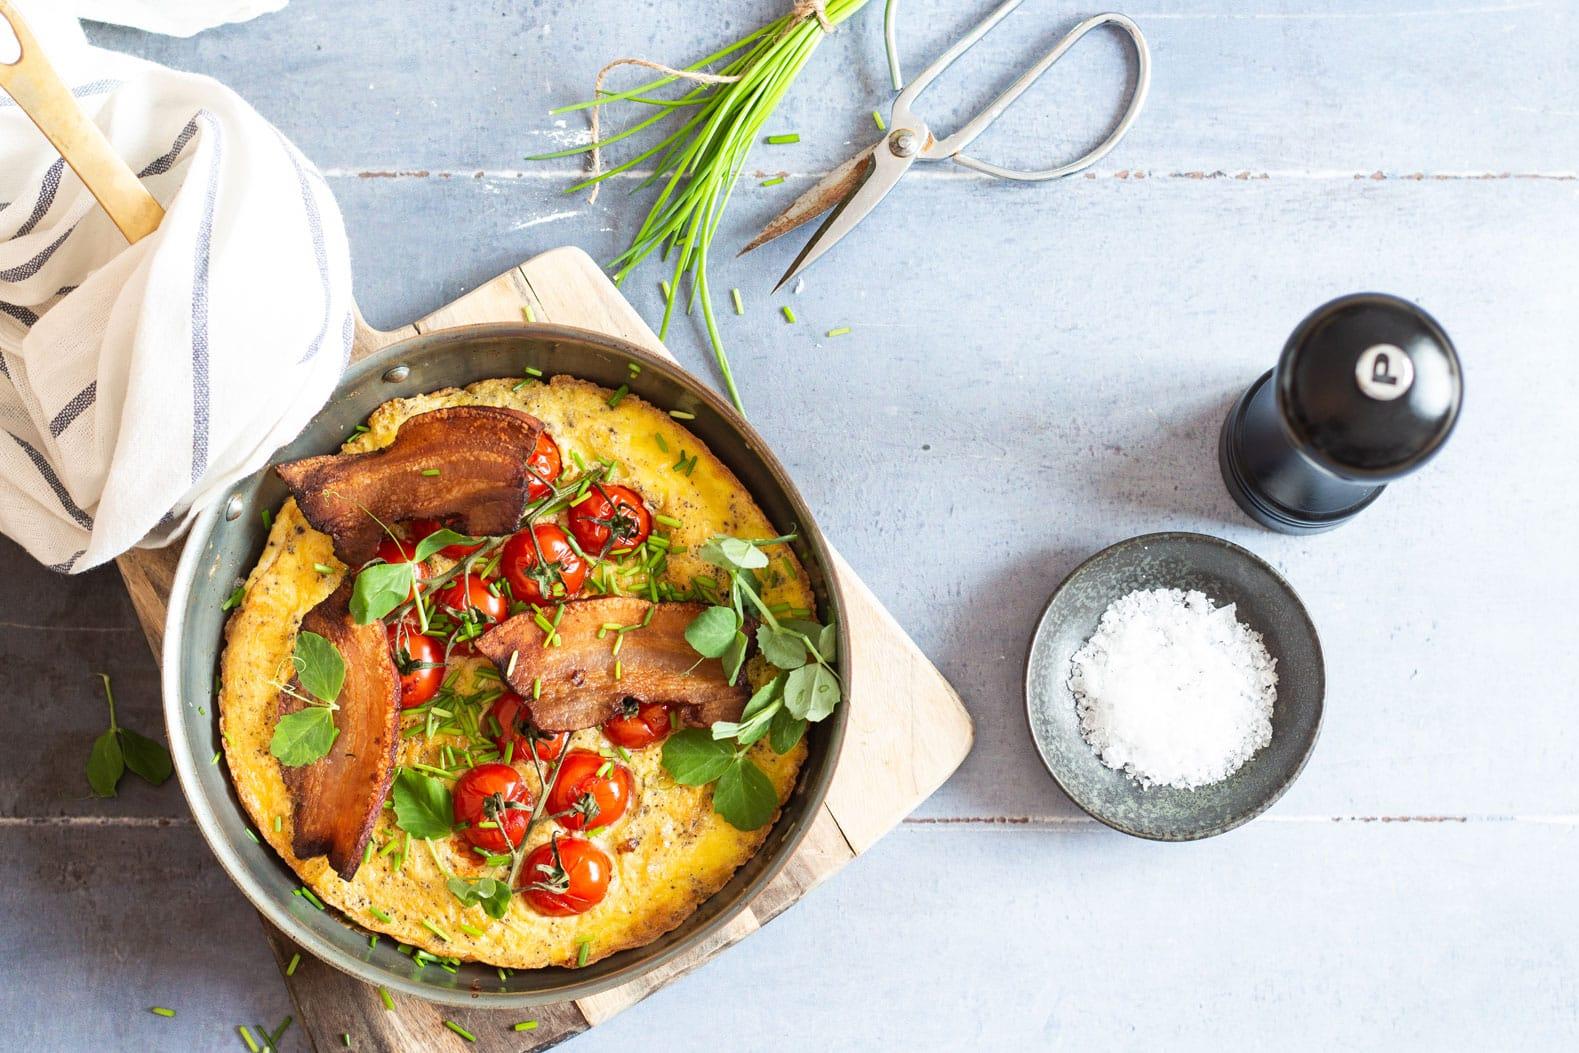 Æggekage med bacon og purløg - opskrift på en dejlig klassisk æggekage. Den perfekte KETO frokost.